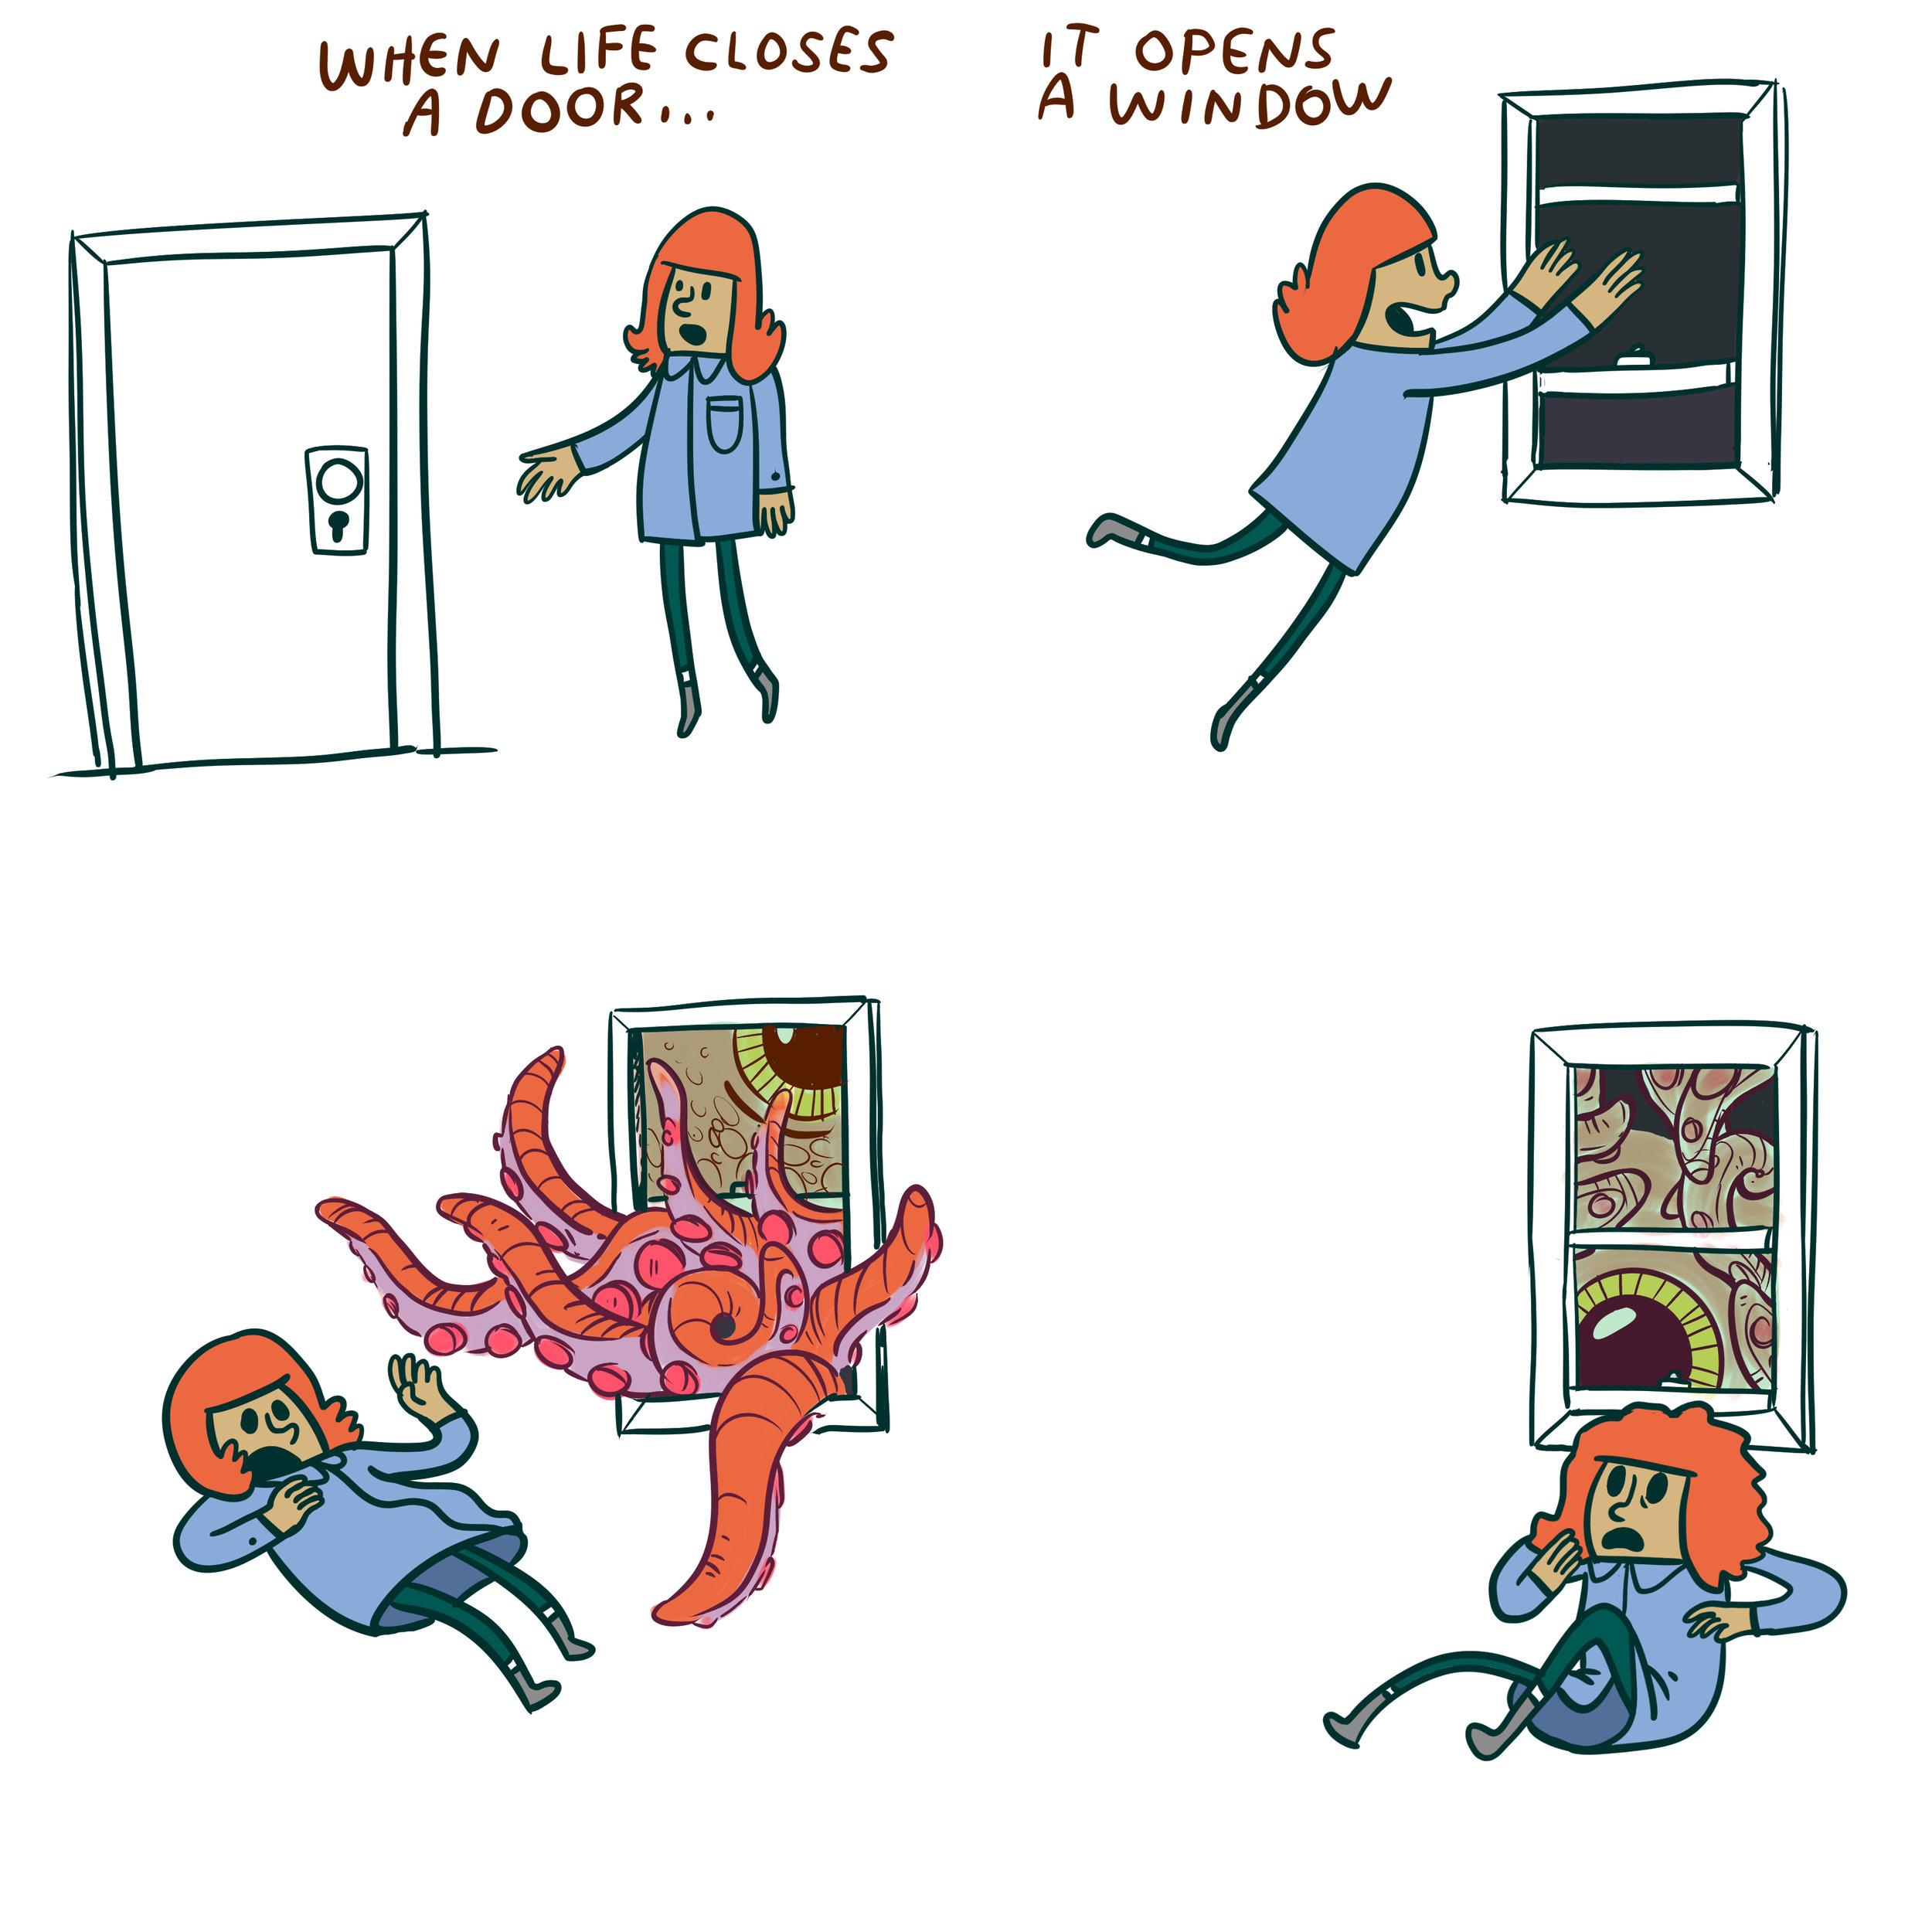 opens a window.jpg